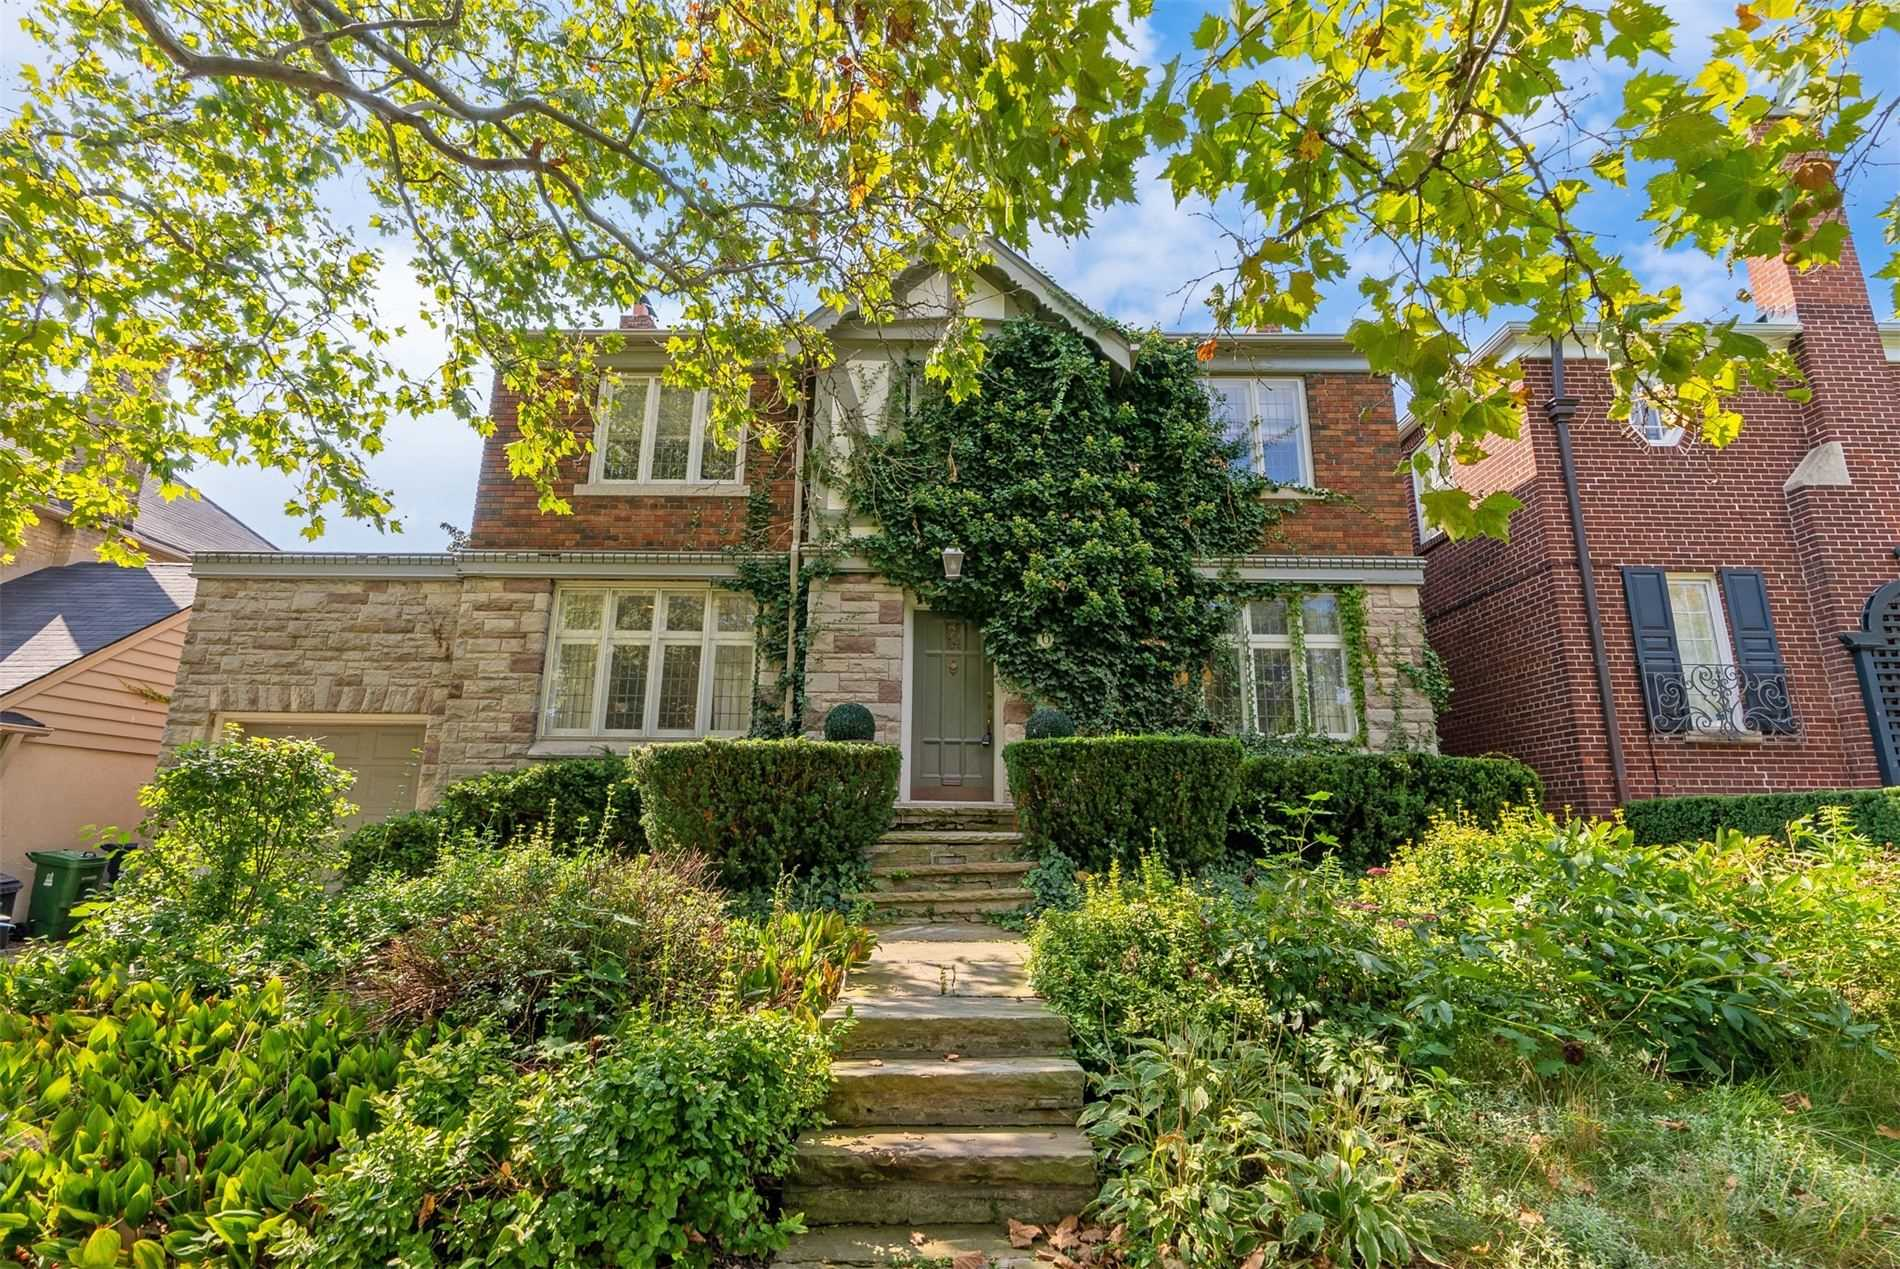 Detached house For Sale In Toronto - 6 Glenarden Rd, Toronto, Ontario, Canada M6C3J7 , 4 Bedrooms Bedrooms, ,4 BathroomsBathrooms,Detached,For Sale,Glenarden